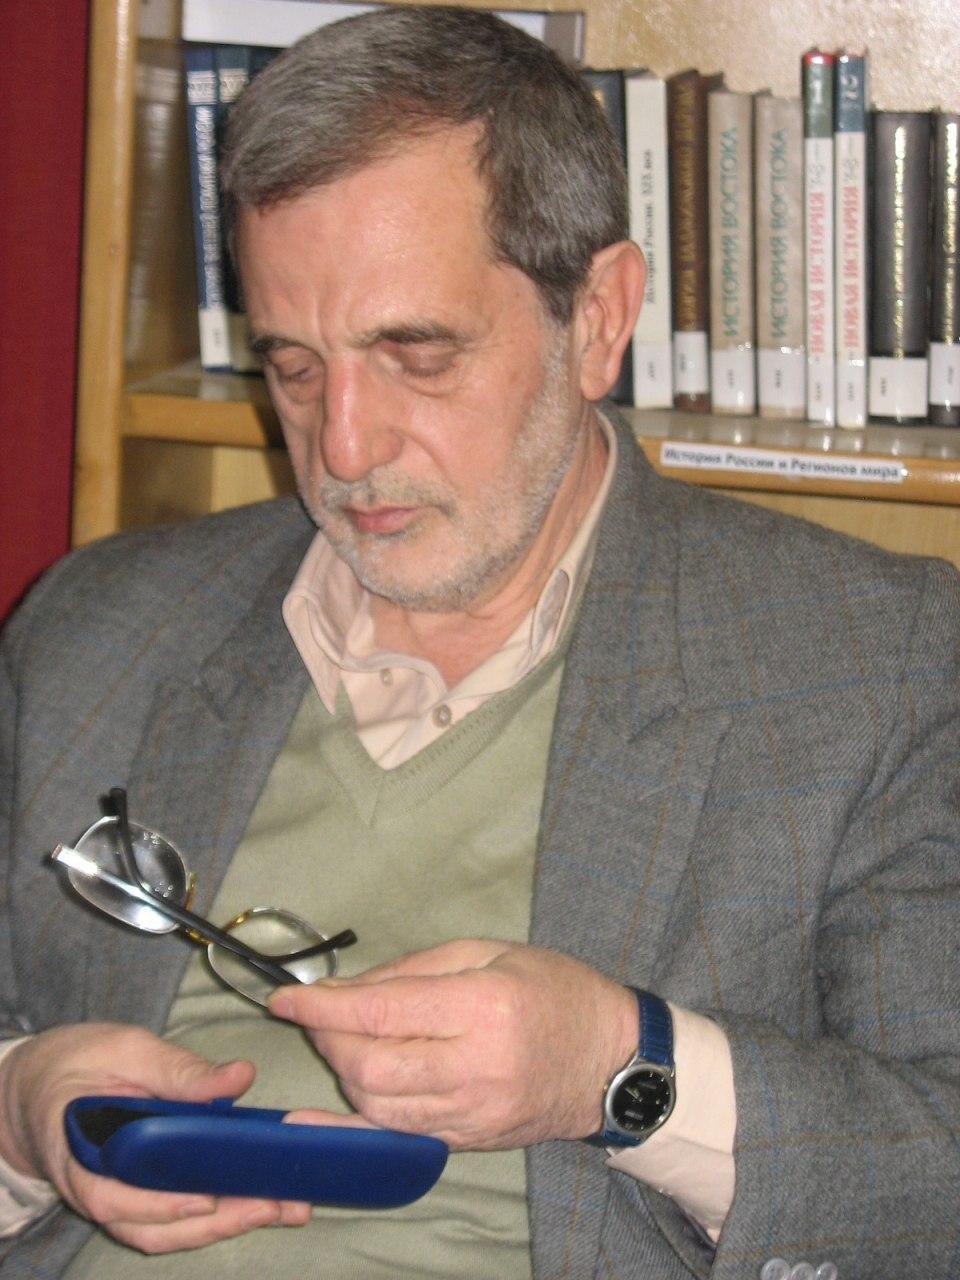 درگذشت مدیر سابق رادیو تهران به دلیل کرونا